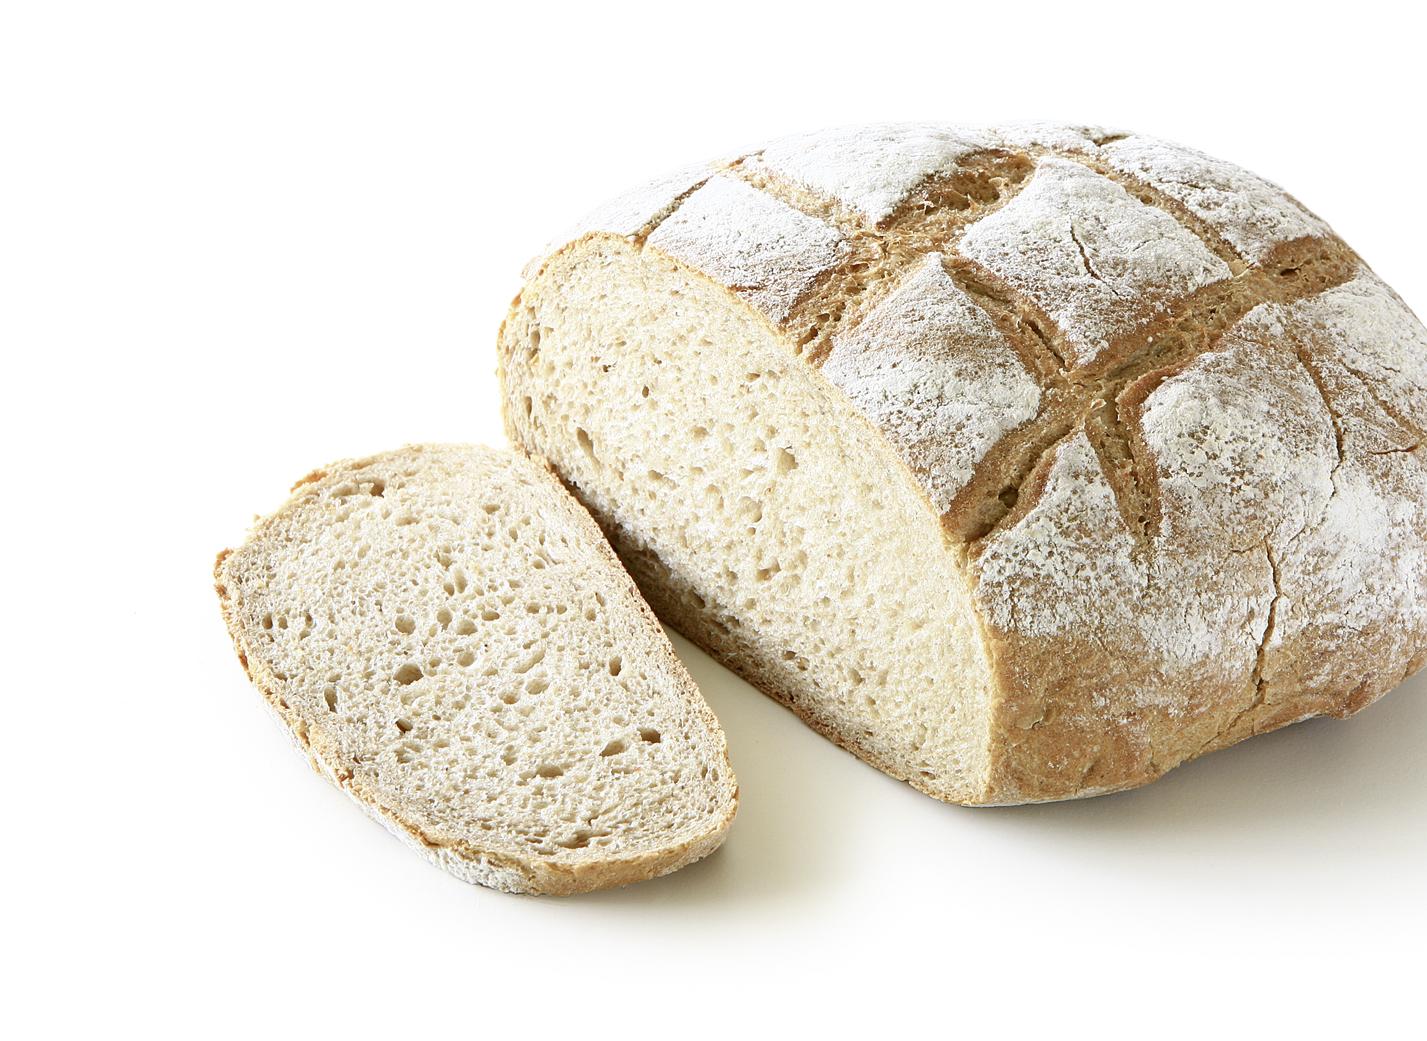 Farmervesper - Wheat mixed bread with 49% wheat flour diameter: 24 cm